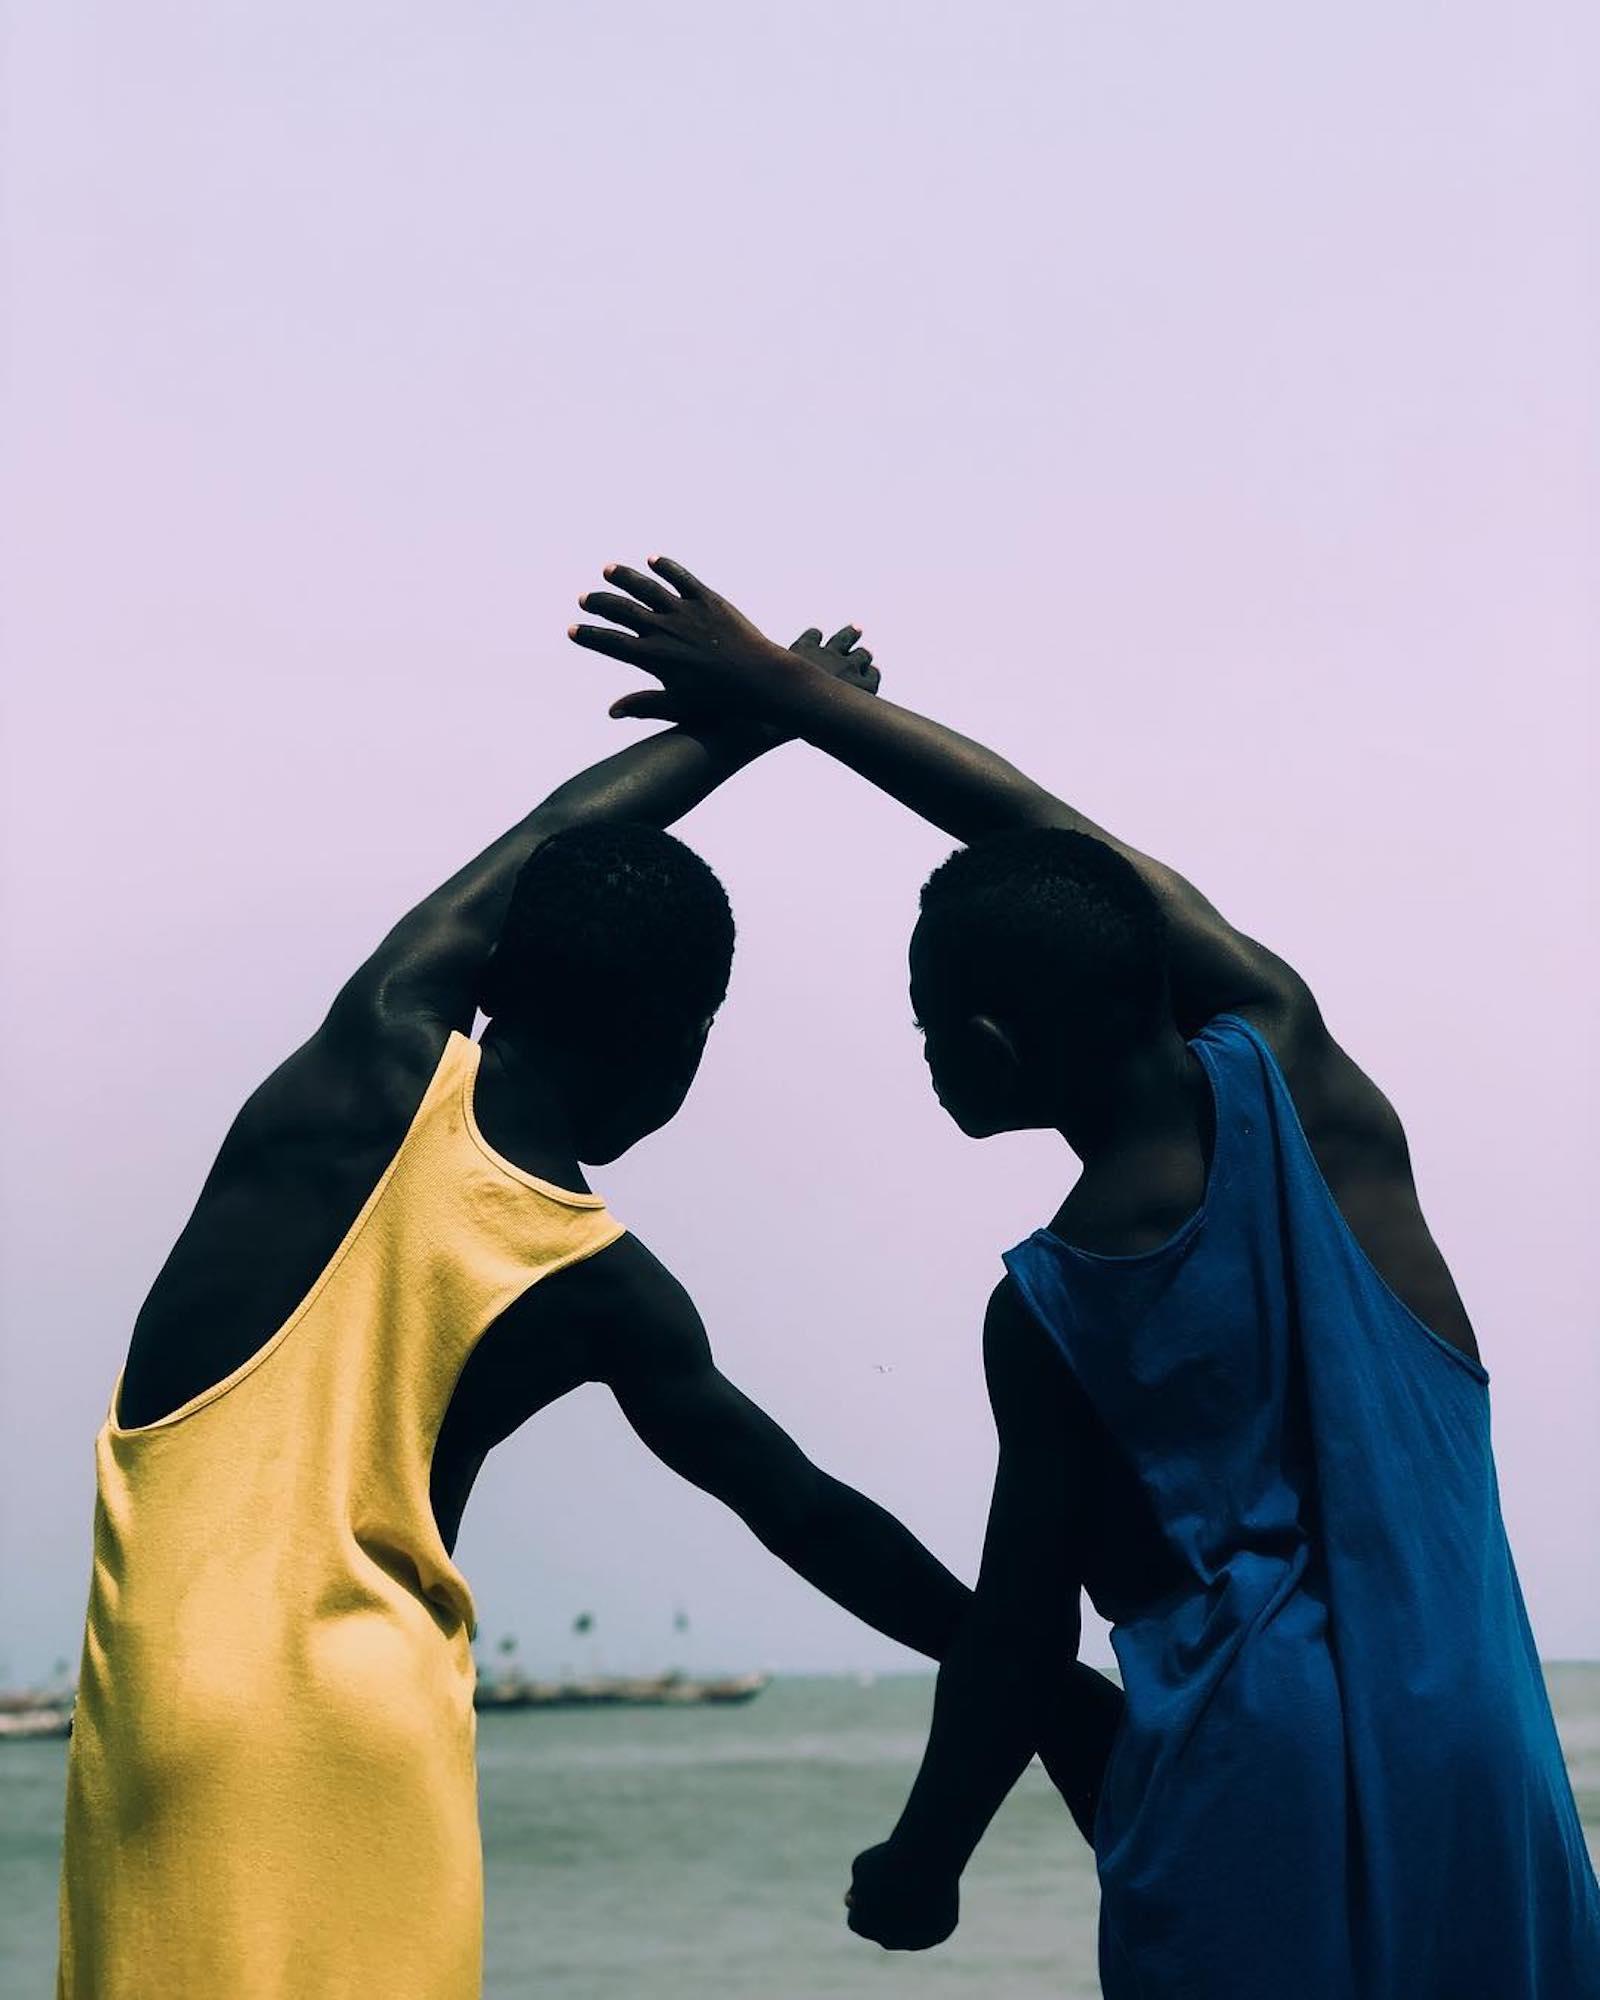 iGNANT-Photography-Prince-Gyasi-011